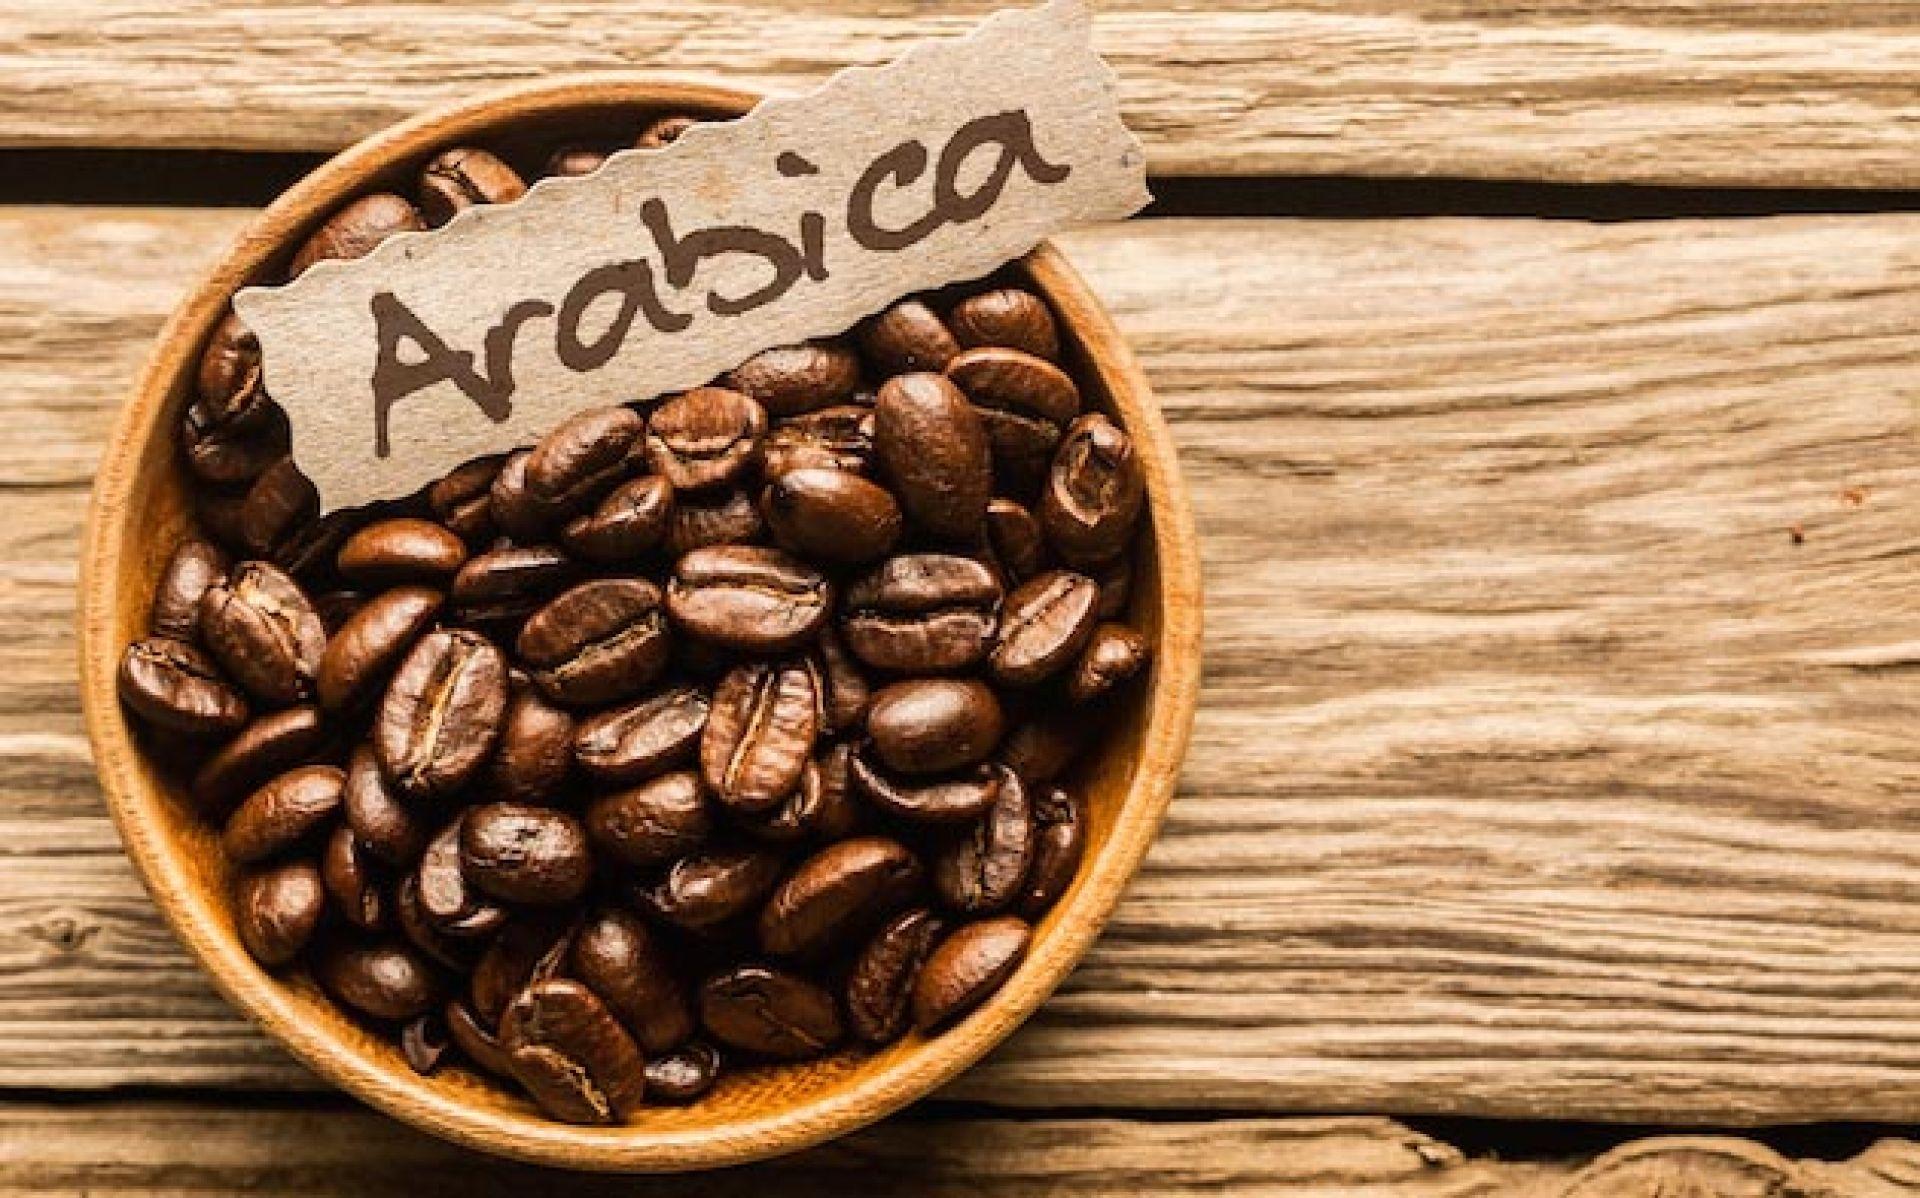 Giá cà phê nguyên chất bao nhiêu 1kg 1